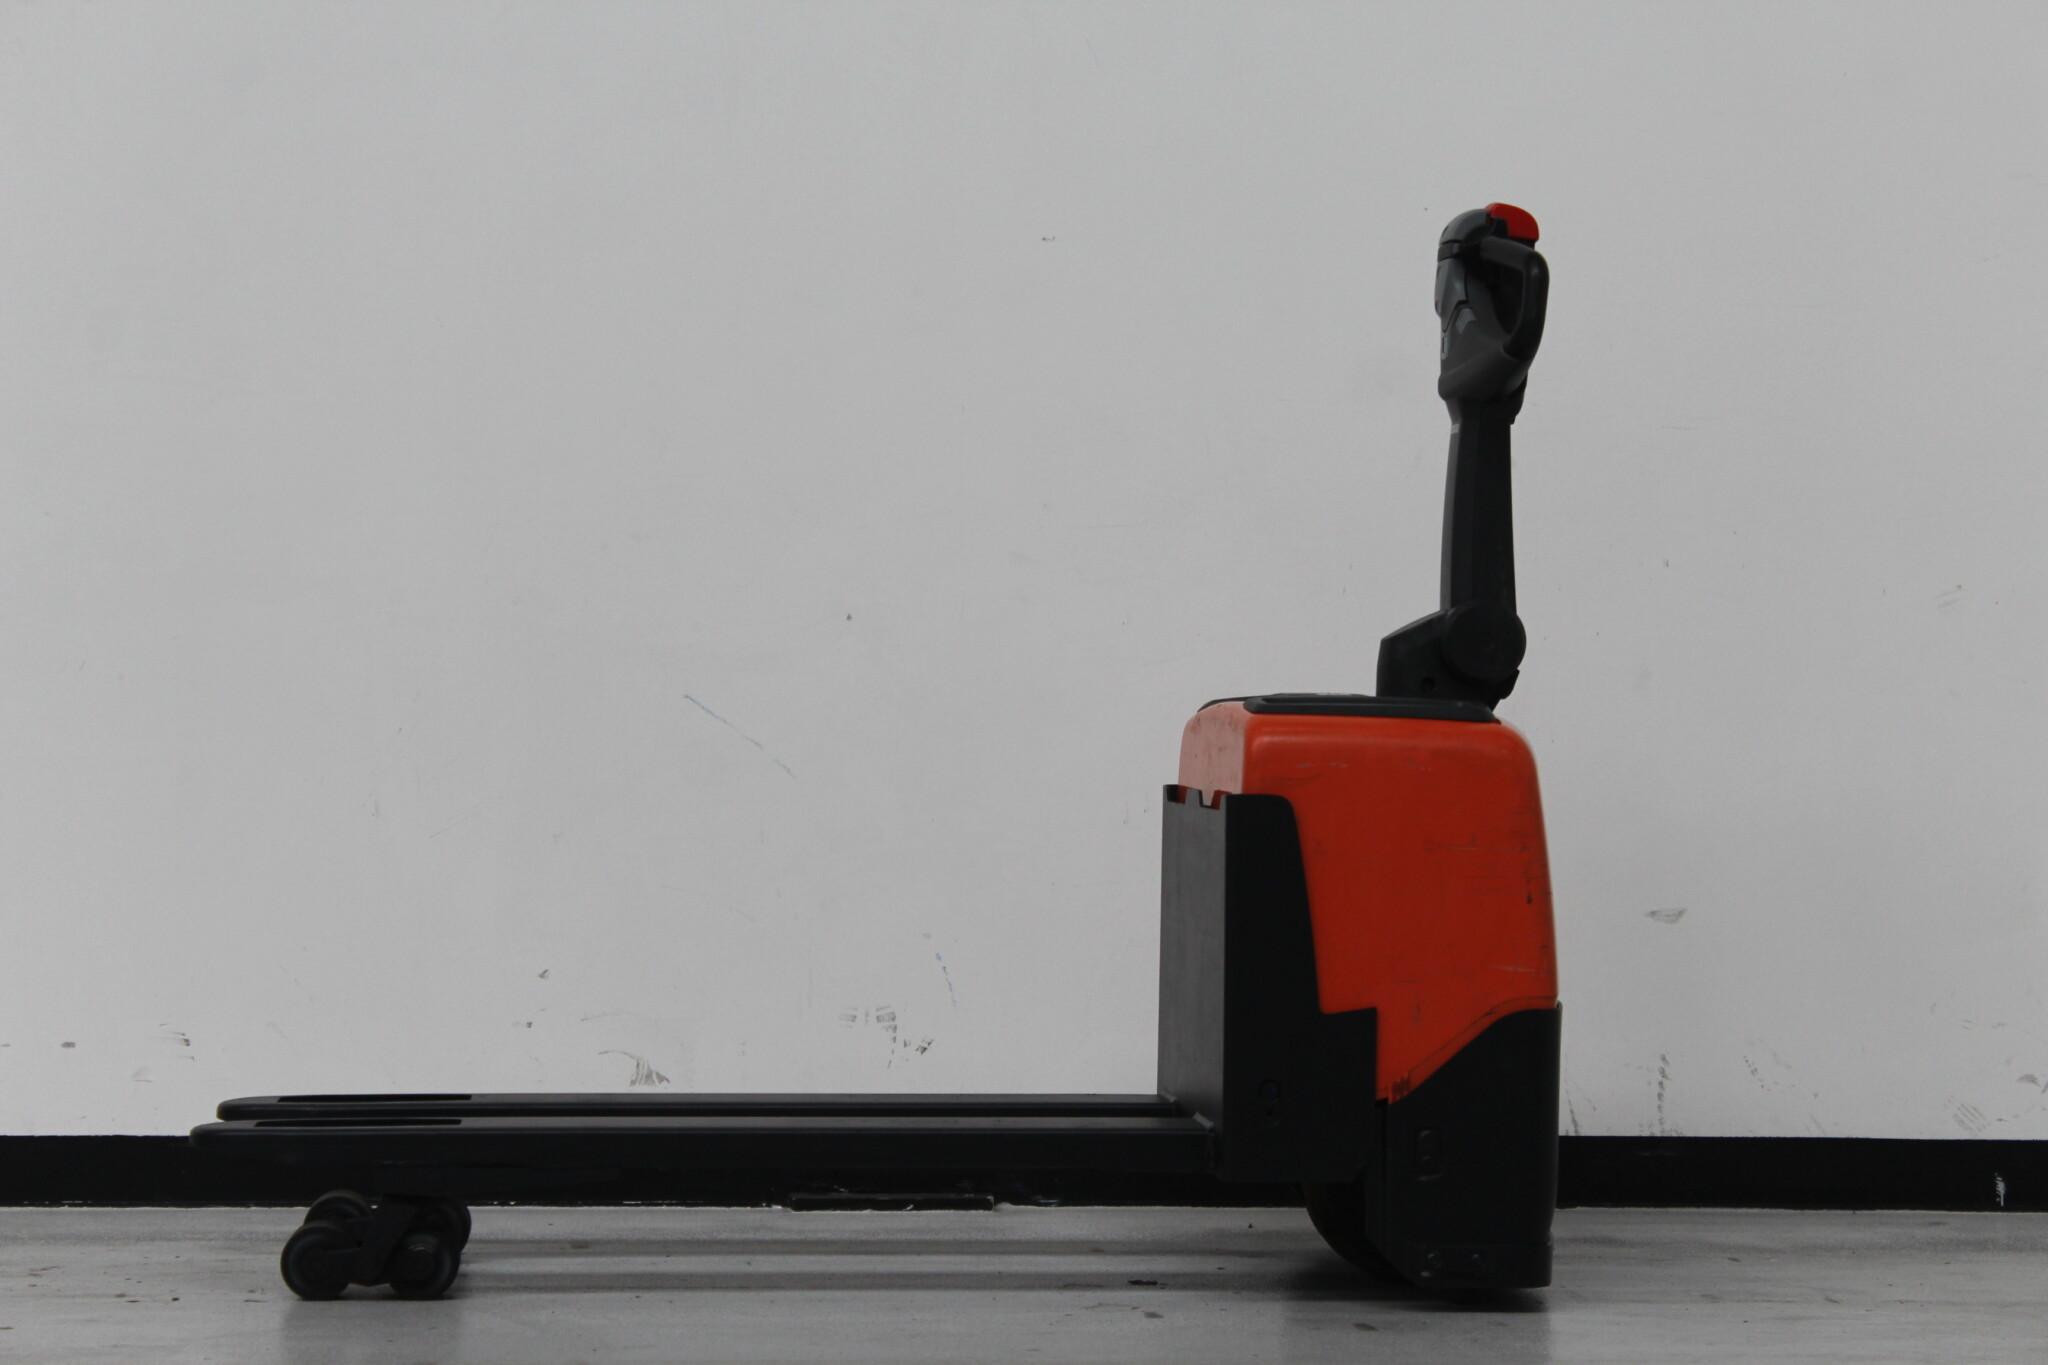 Toyota-Gabelstapler-59840 1705000884 1 scaled